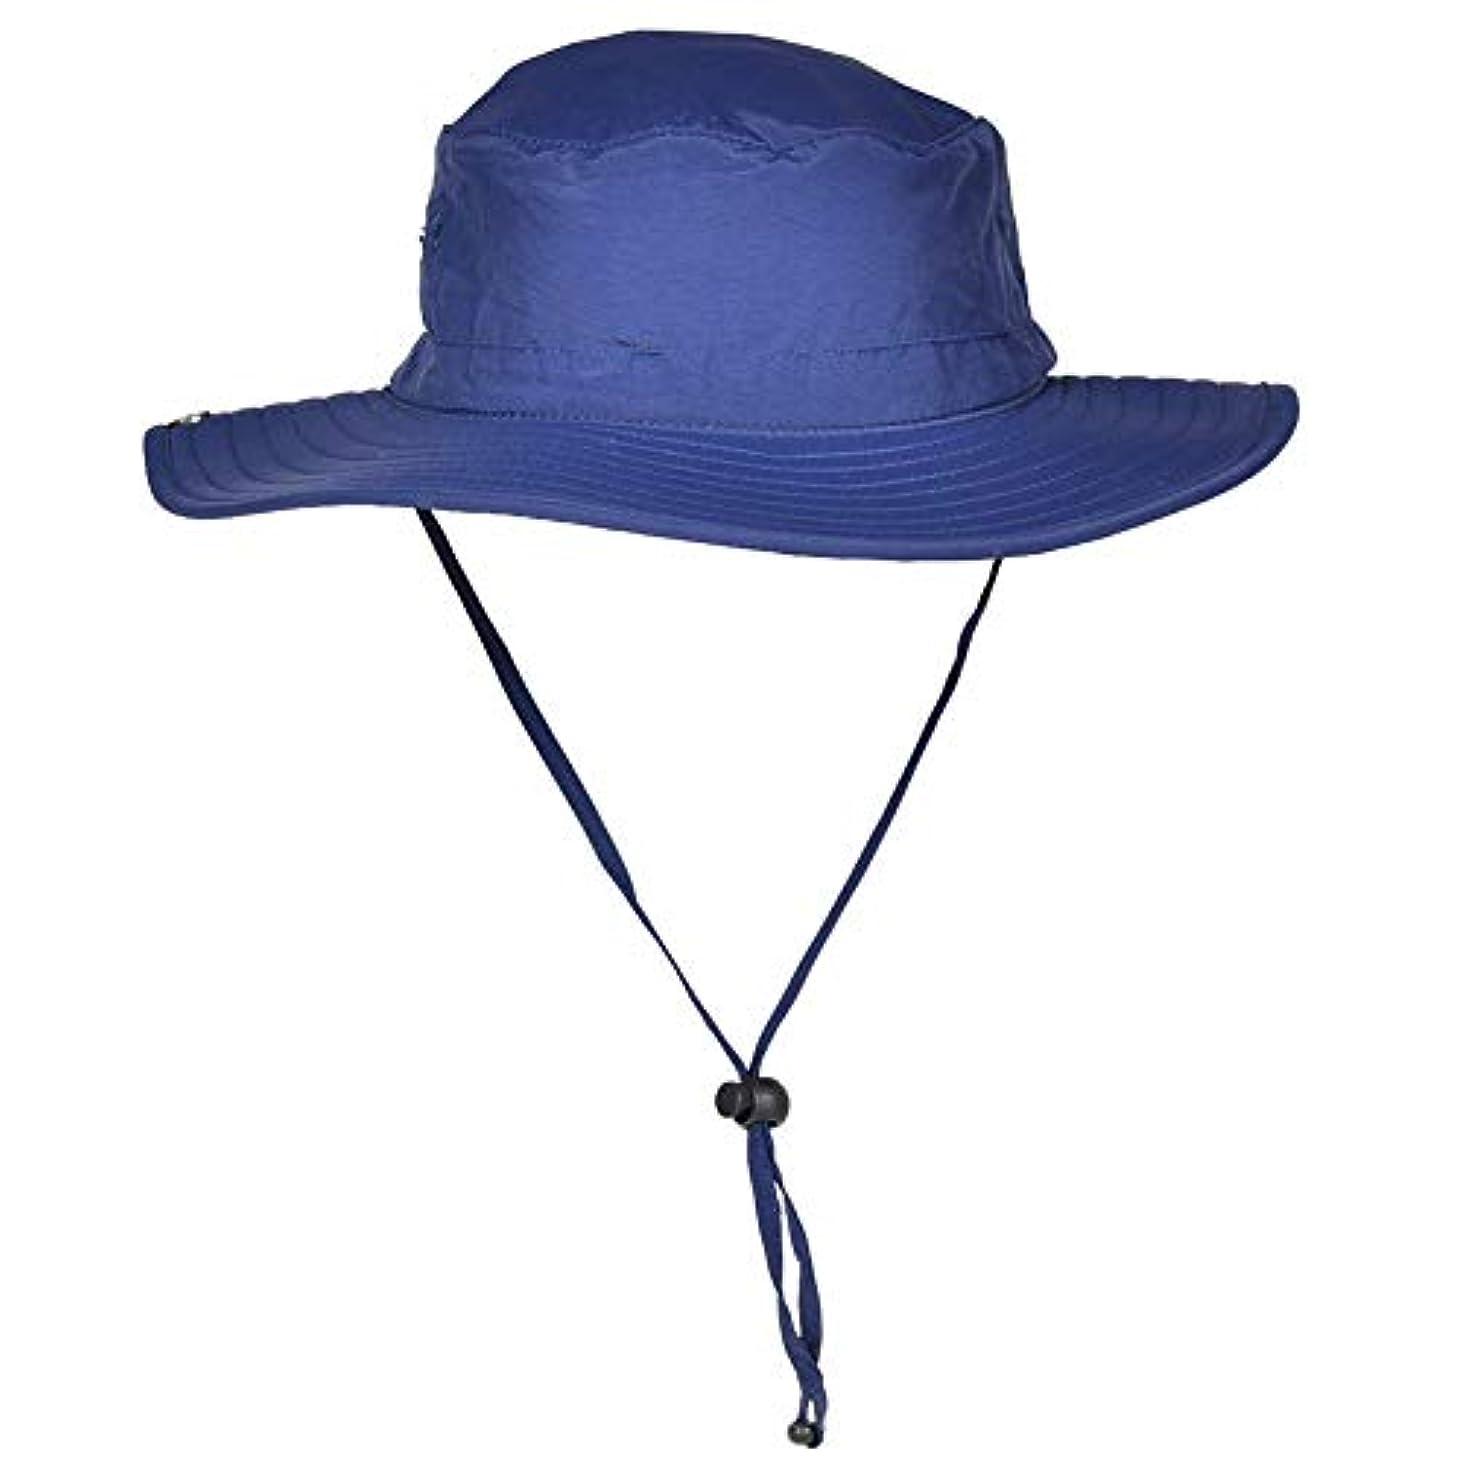 ムスタチオ武器油[マウンテンハンター] ハット 帽子 日焼け 防止 UPF50+ uvカット サファリハット メンズ 登山 釣り アウトドア